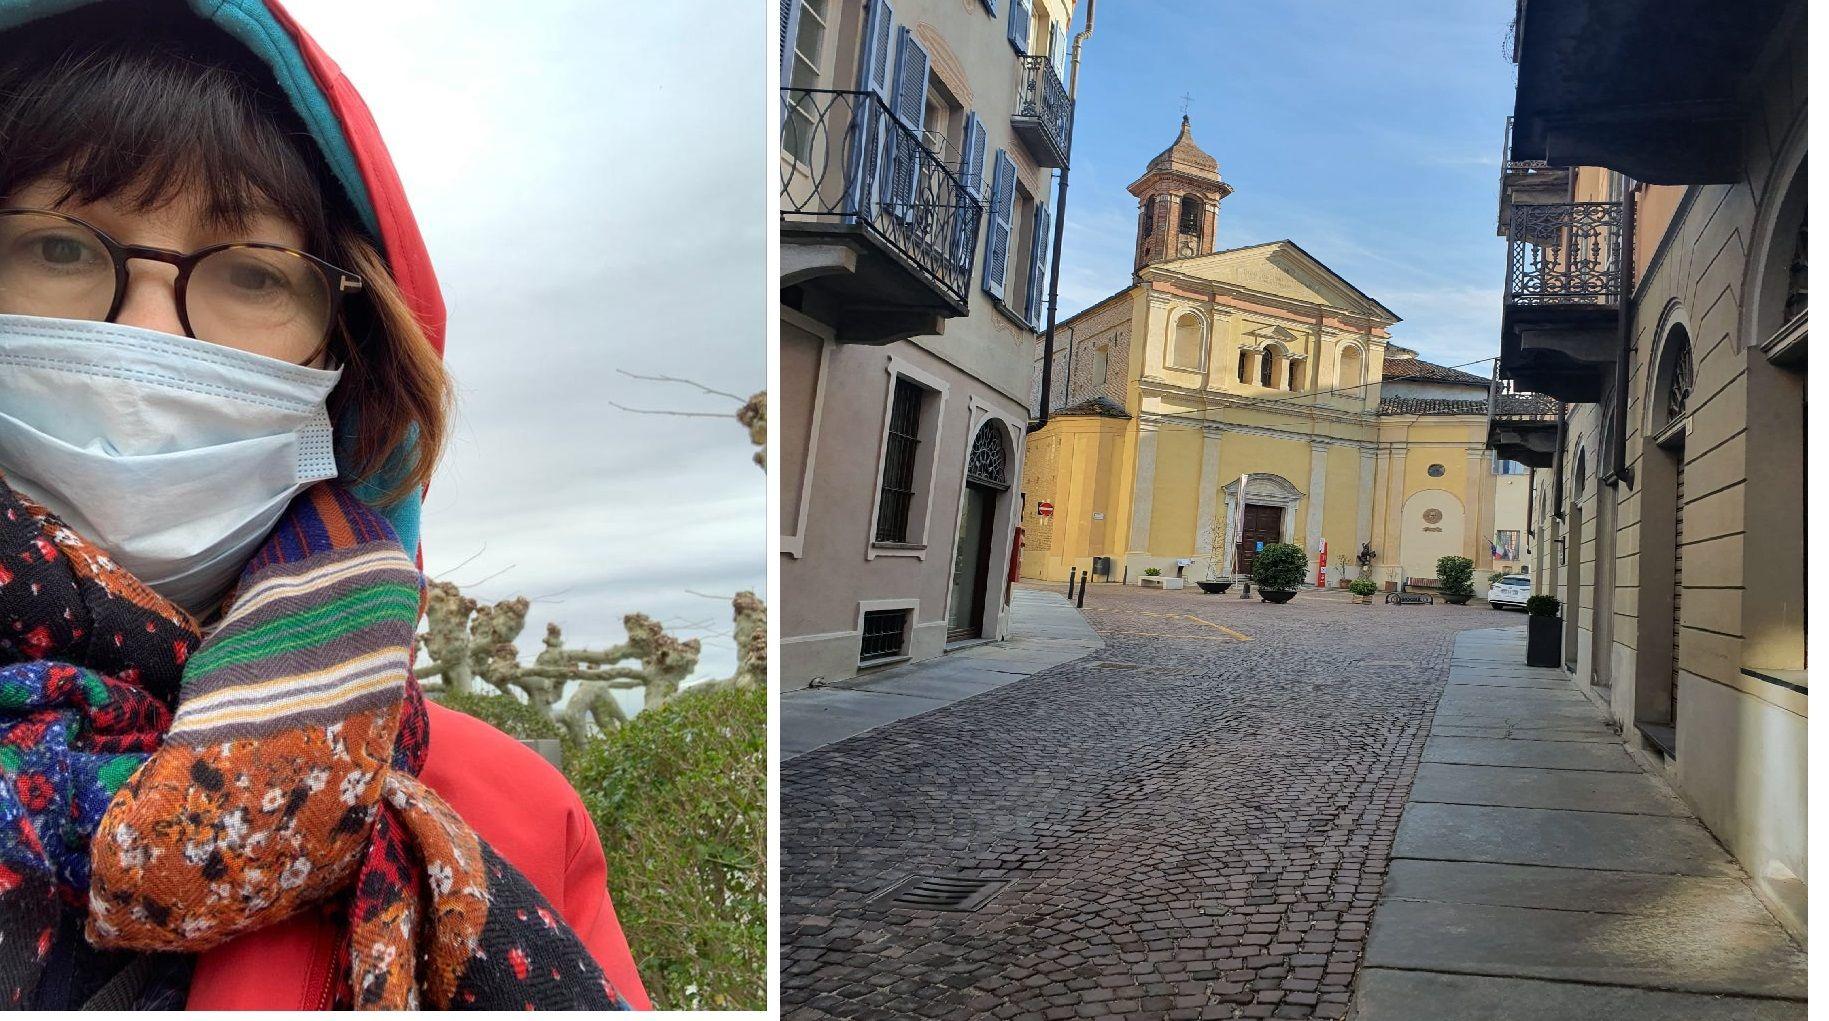 Soraya Sauá, vive en Italia, en el límite con Lombardía, la zona más castigada. Las calles habitualmente colmadas, hoy transmiten una imagen de desolación.